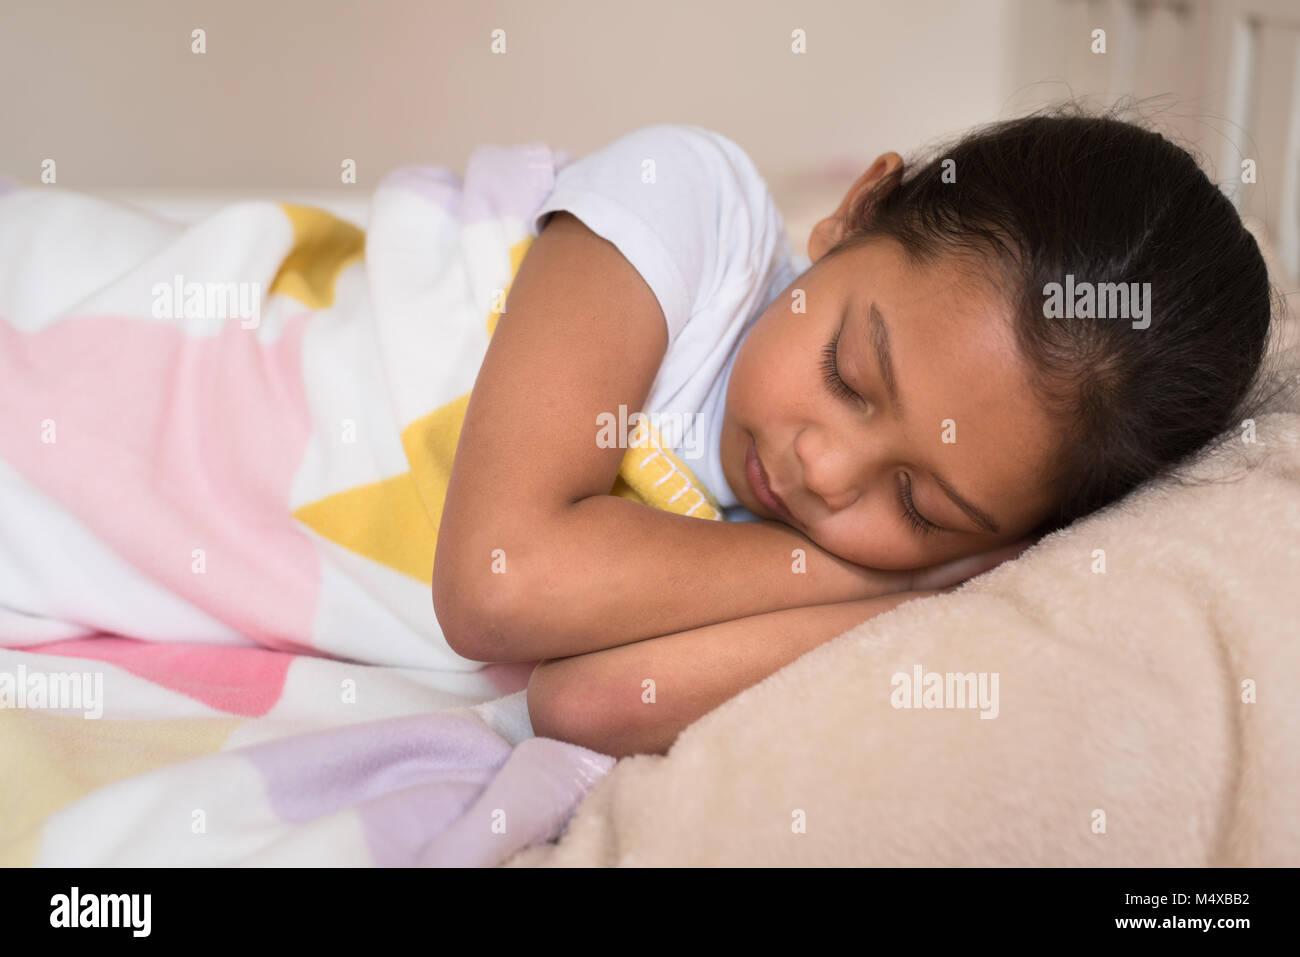 Jeune fille asiatique peu dormir allongé sur le lit dans sa chambre à coucher. concept de sommeil Photo Stock